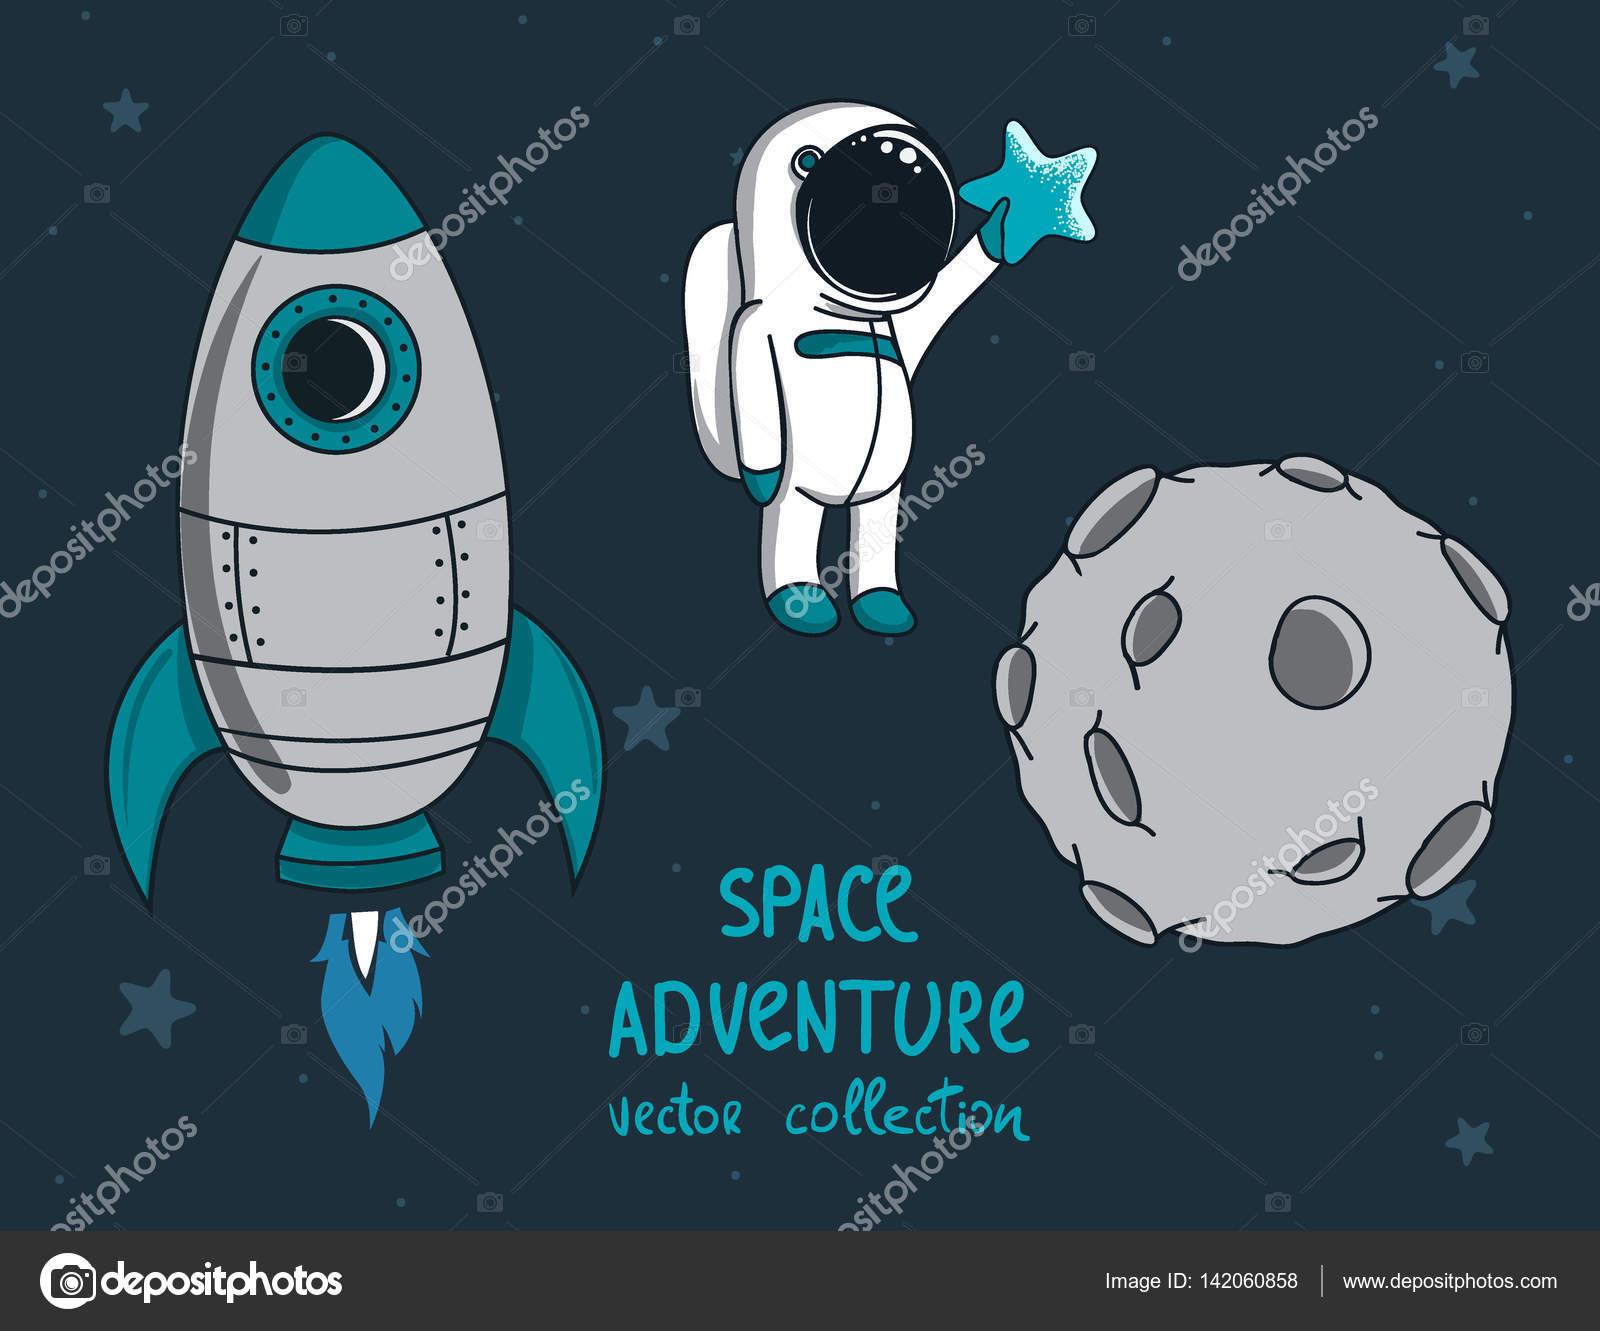 cohetes de astronauta - photo #1